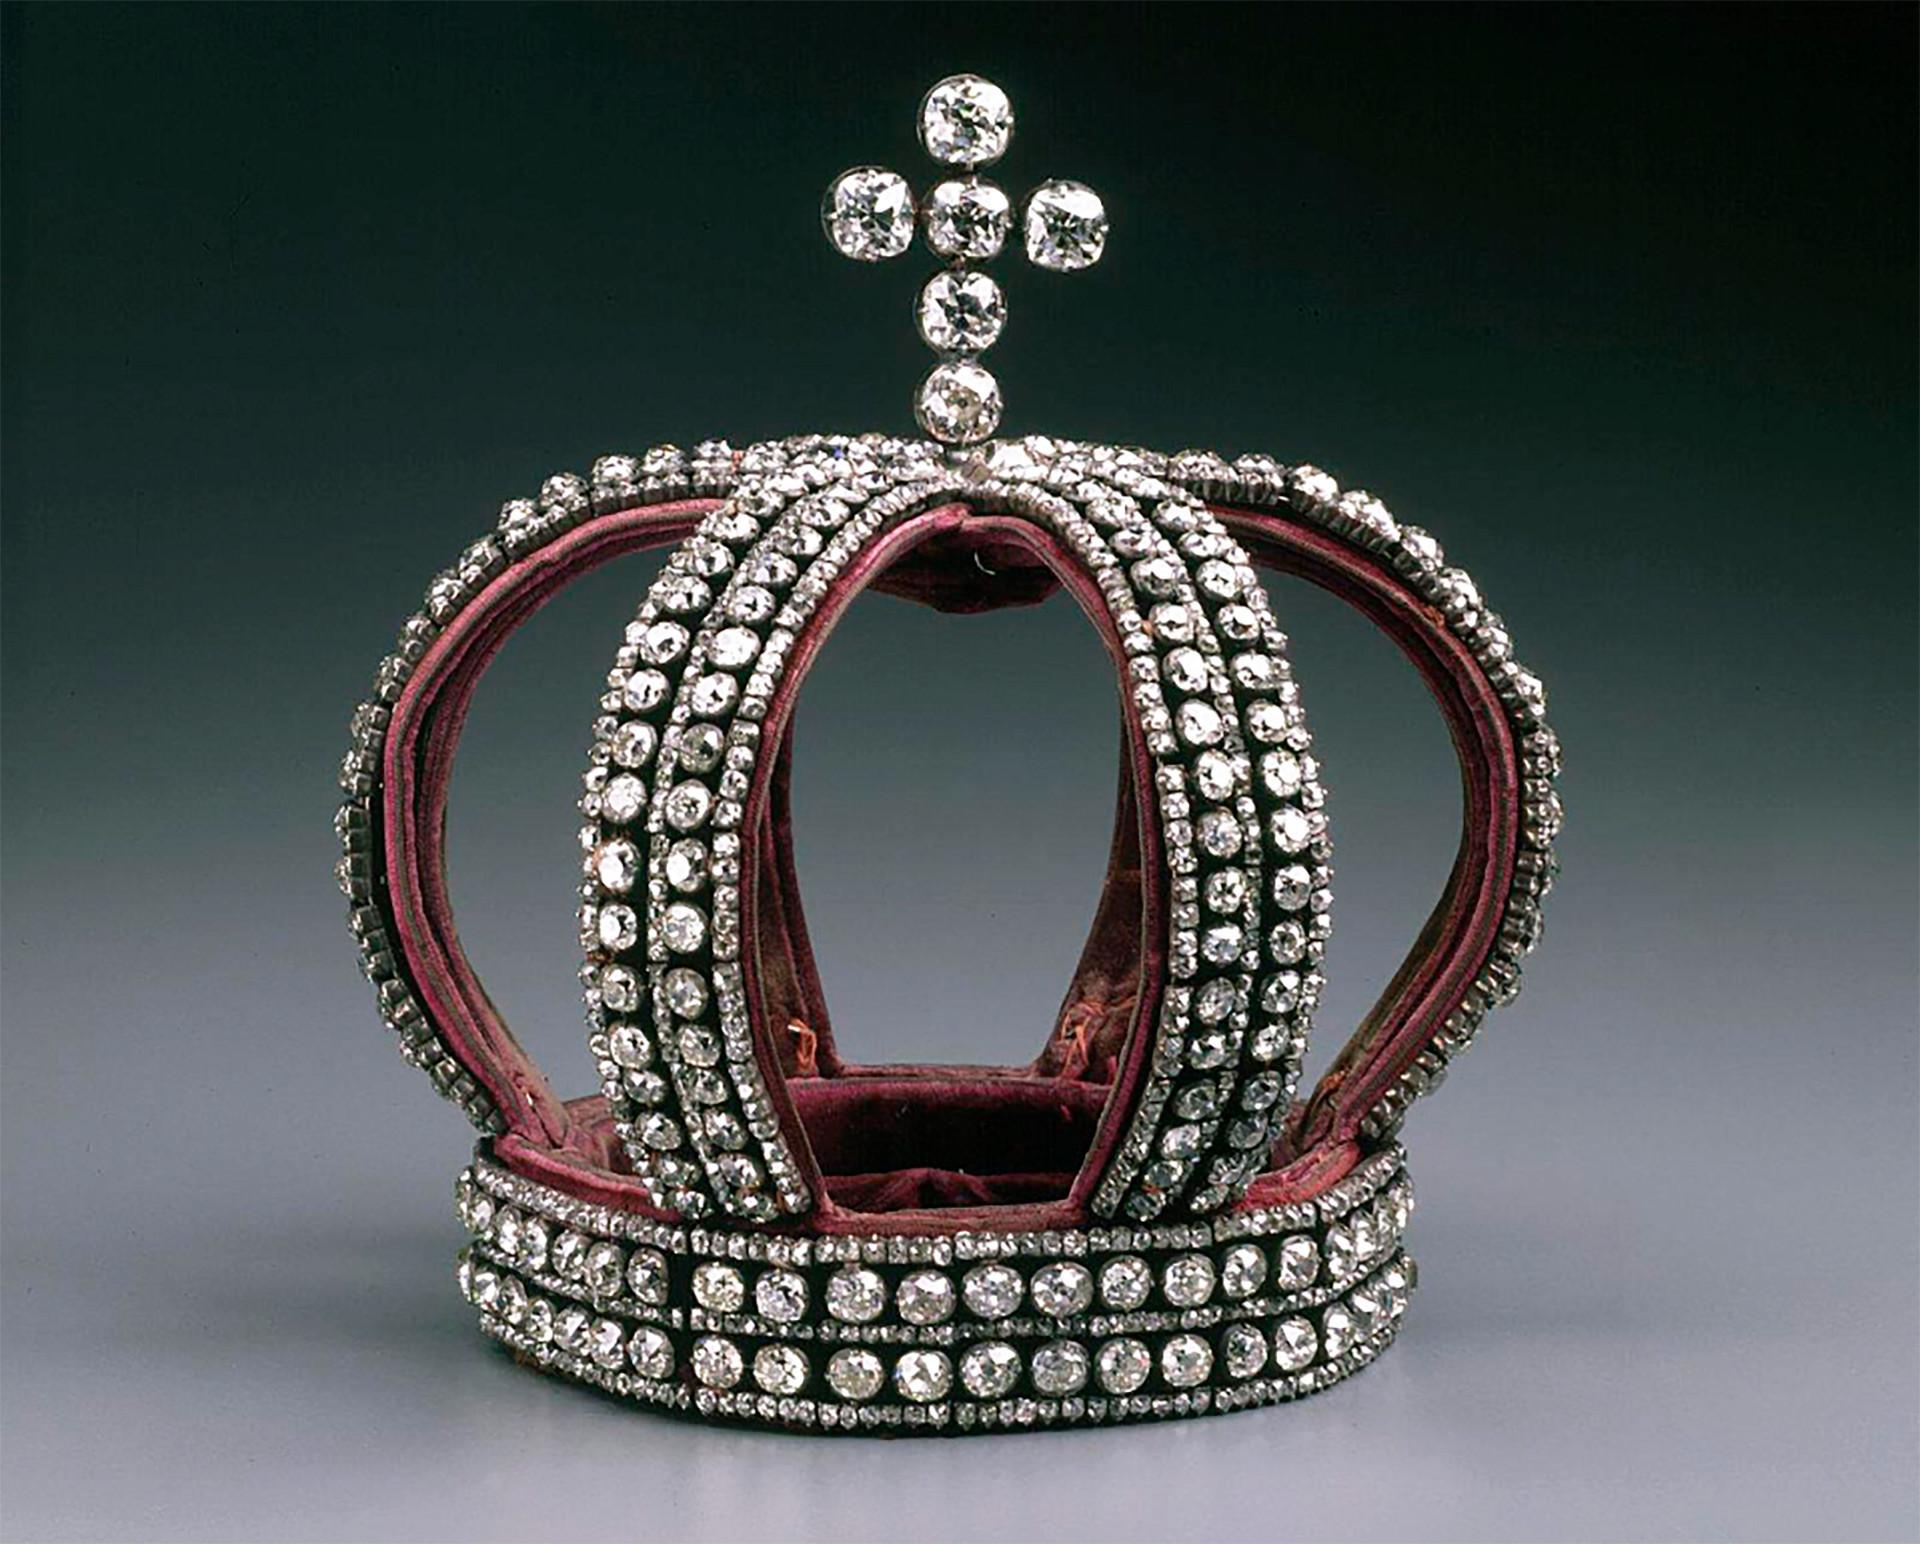 La corona imperiale della Russia